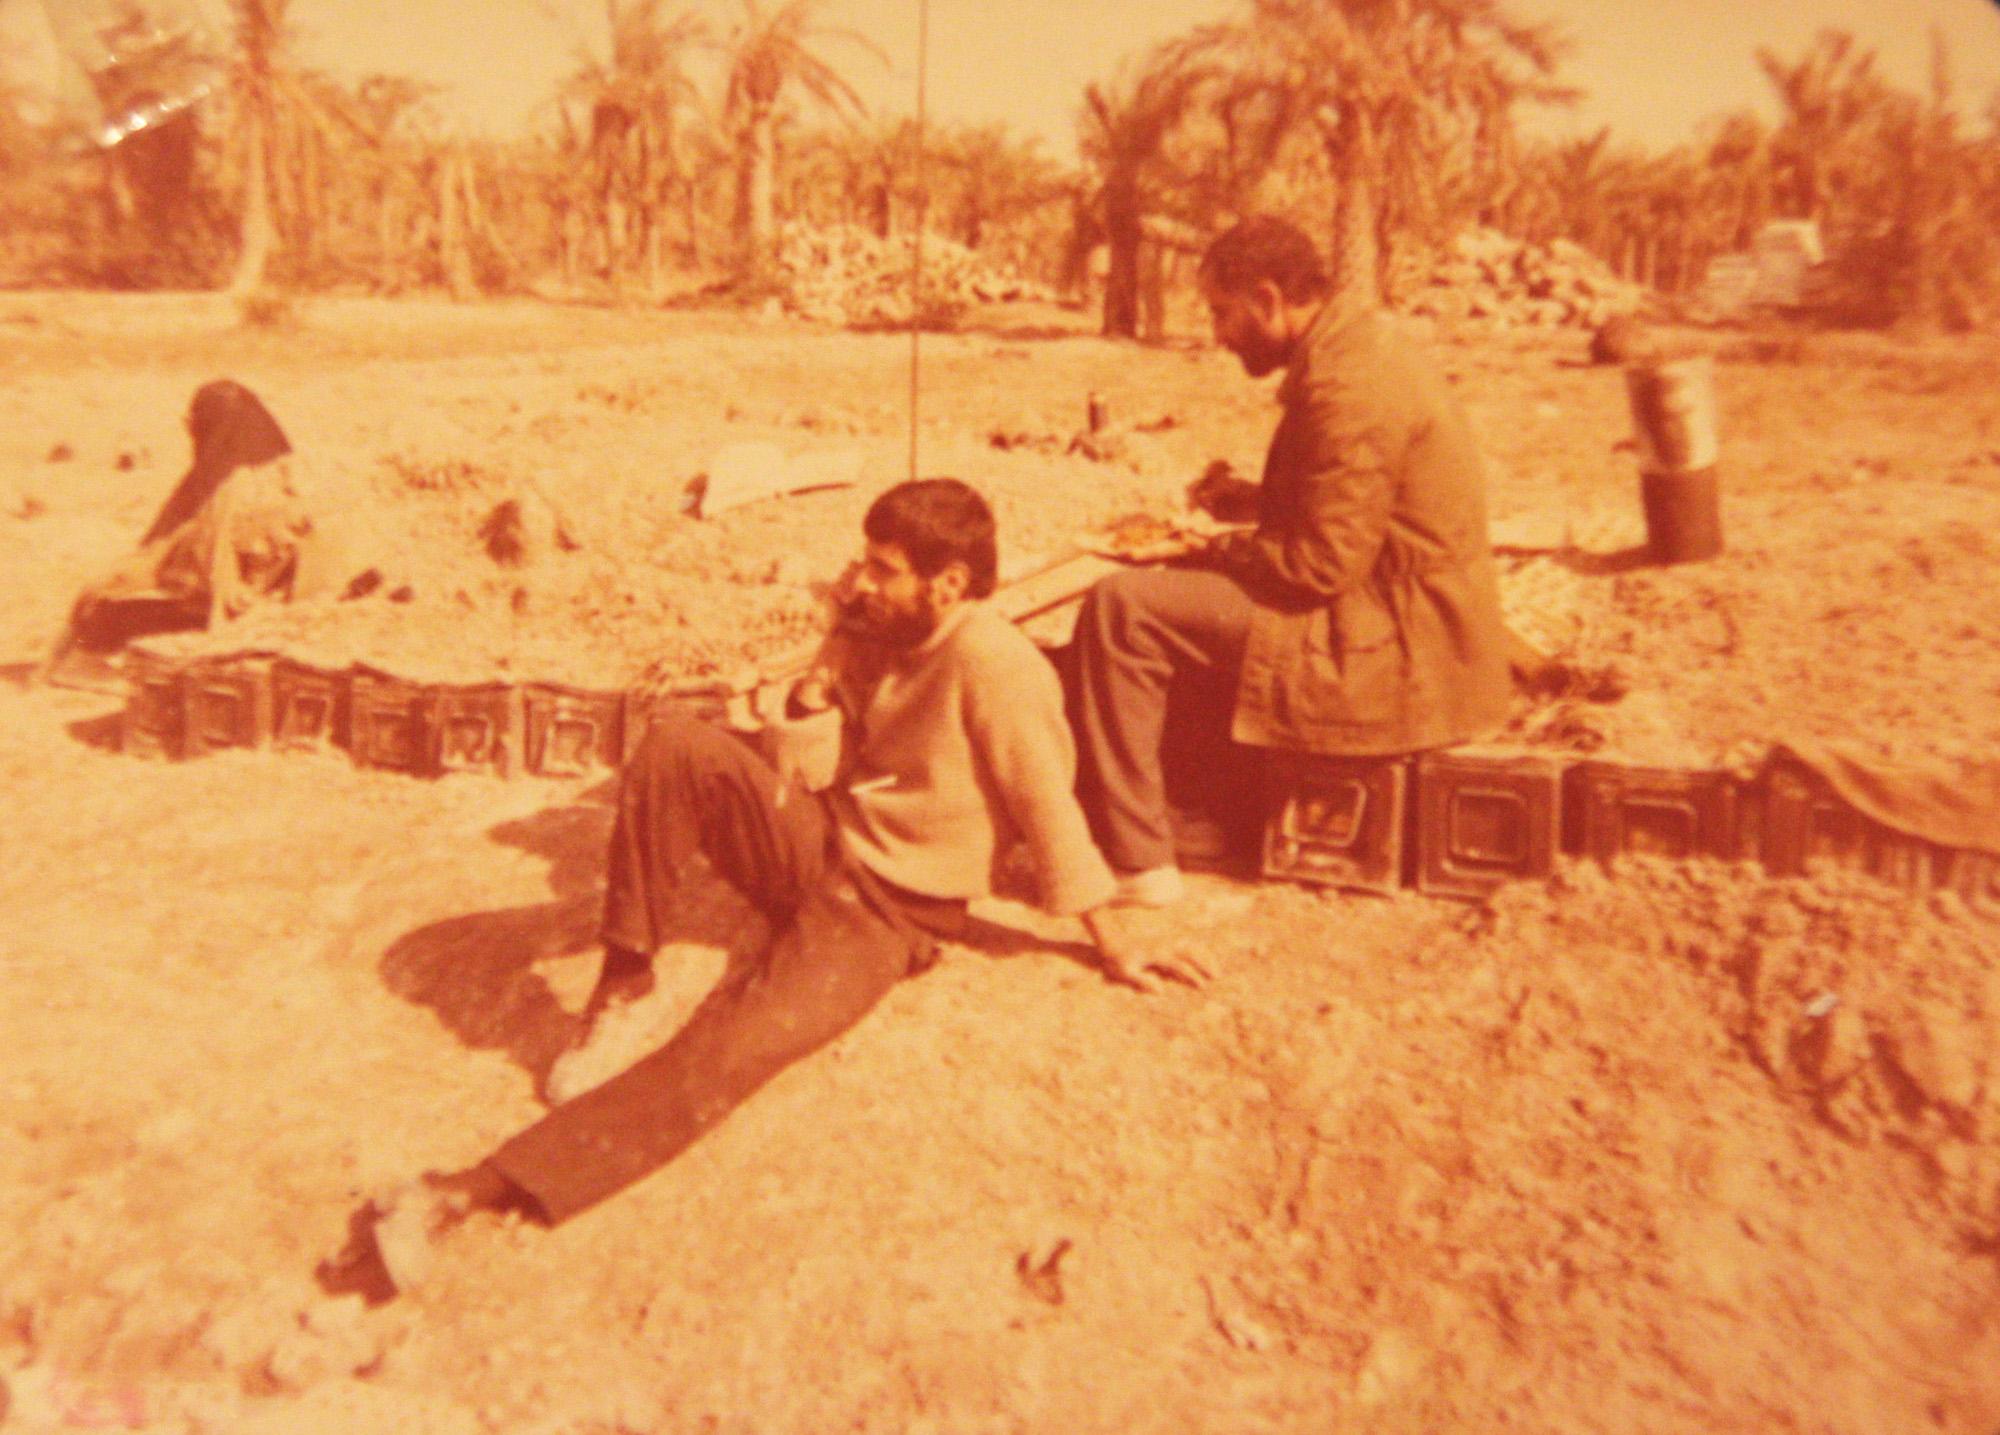 Martyr Mohsen Rangraz, before the Bait Al Mugaddas attack